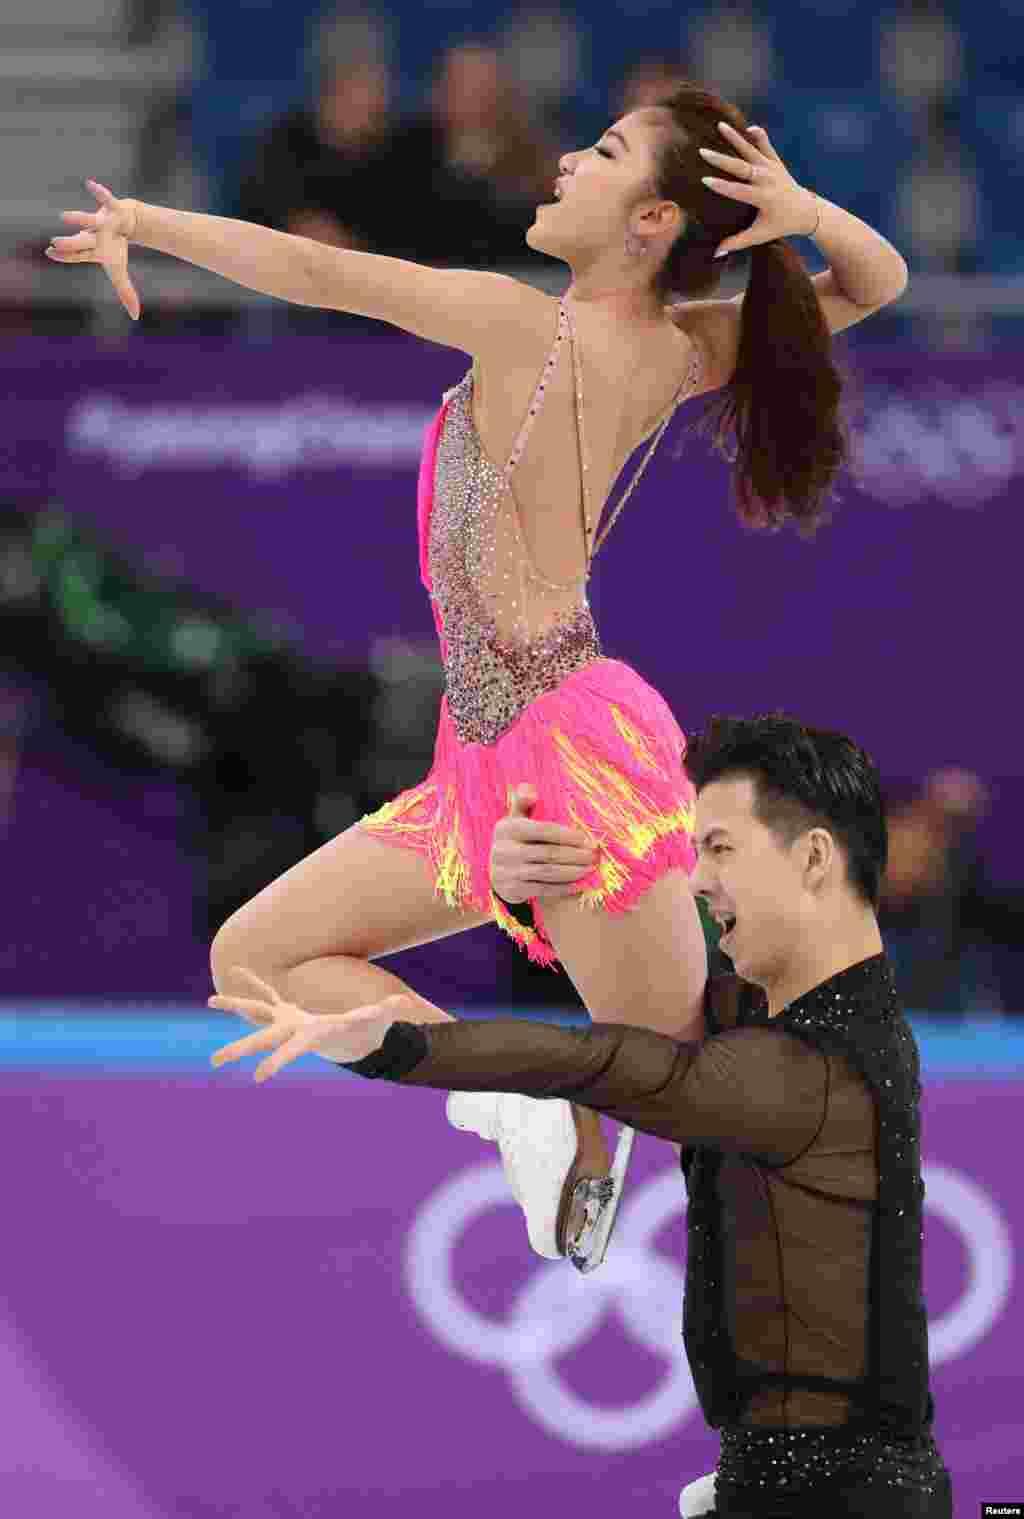 دو ورزشکار چینی در رشته رقص روی یخ در المپیک زمستانی کره جنوبی.